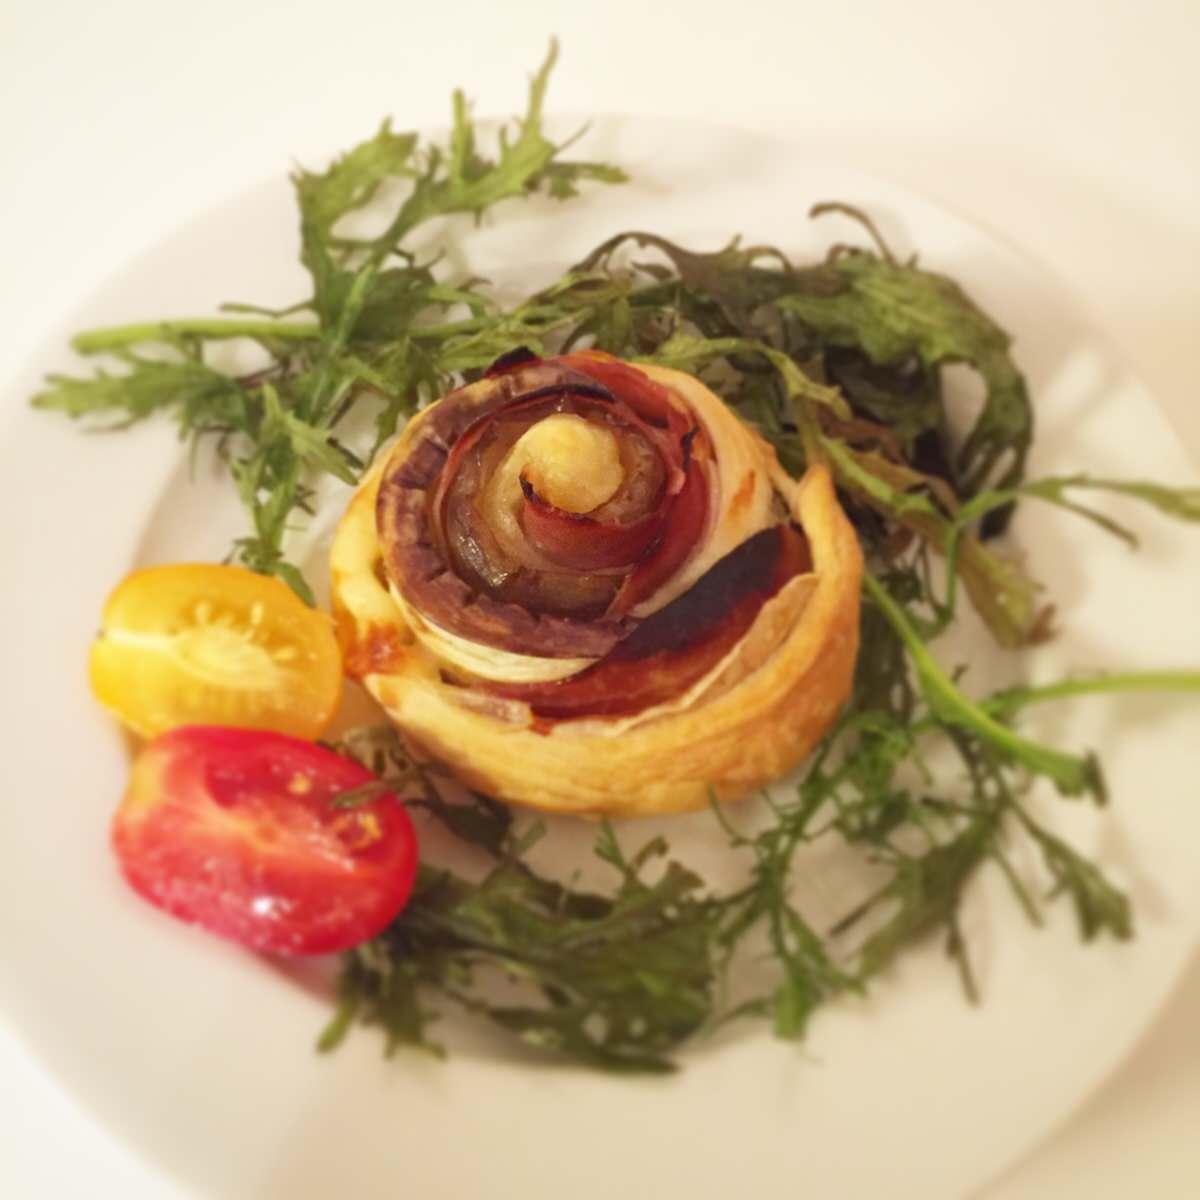 「ローザ・ディ・メランザーネ」 ナスと生ハムで作る簡単で見栄えのするイタリアン作りました。【おもてなしレシピ】